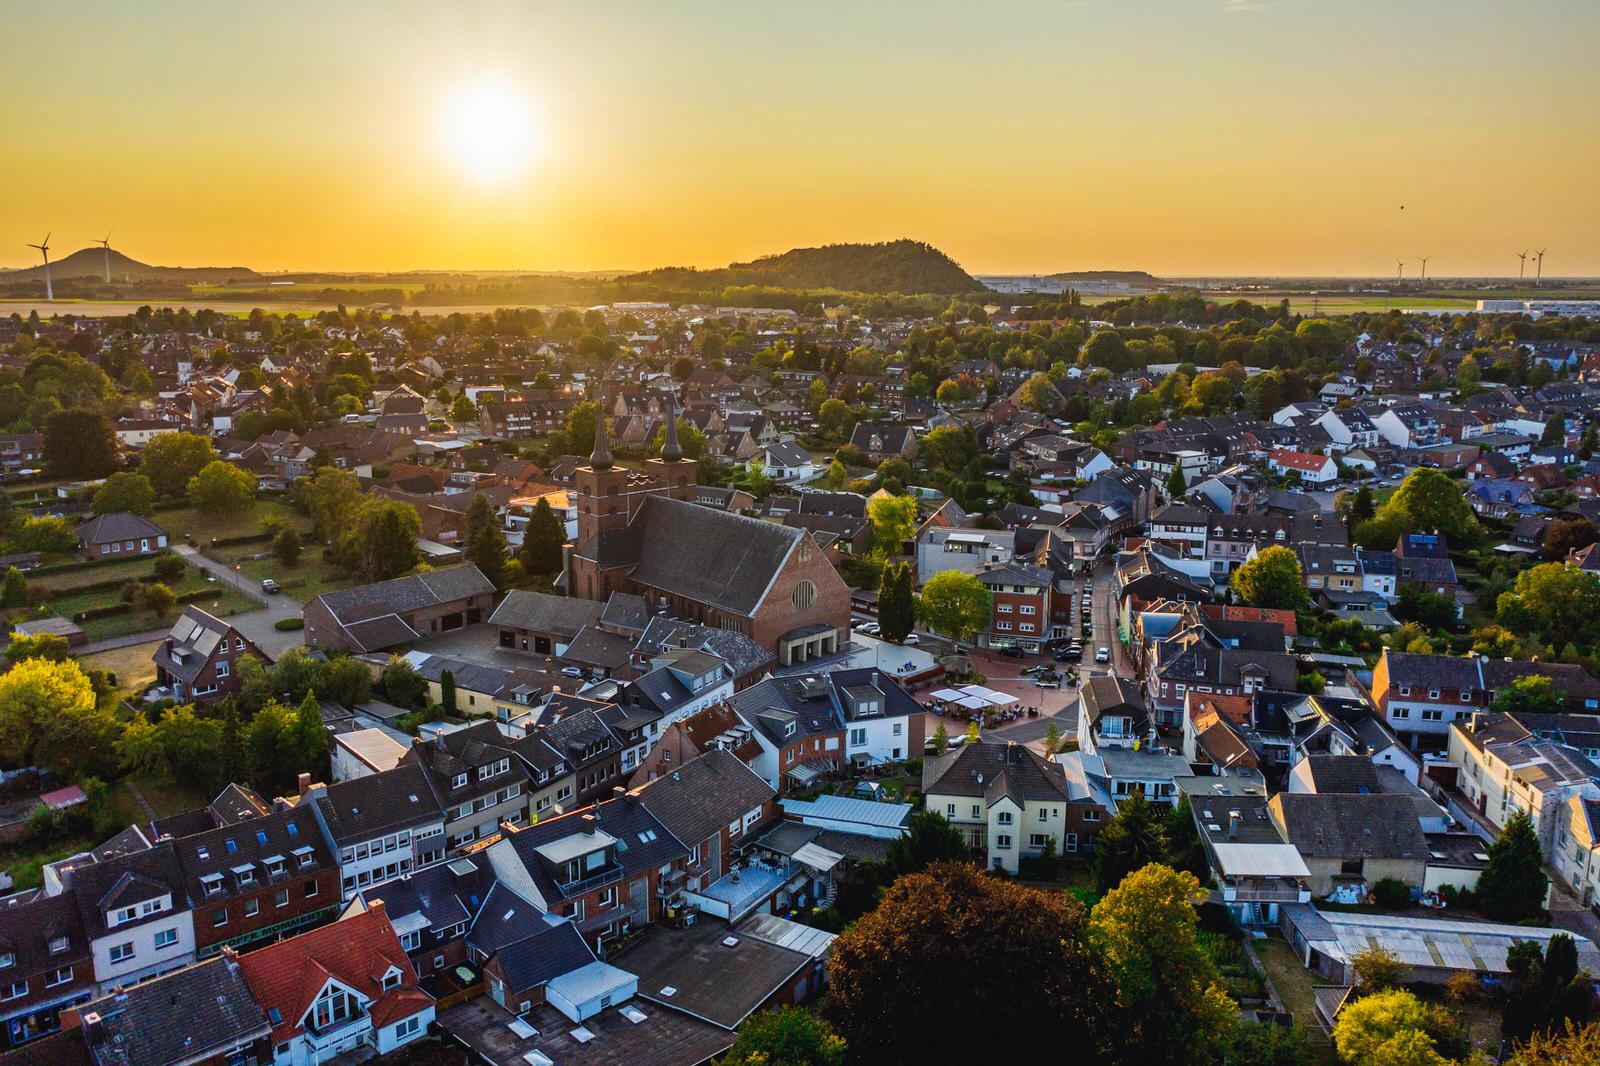 Baesweiler city